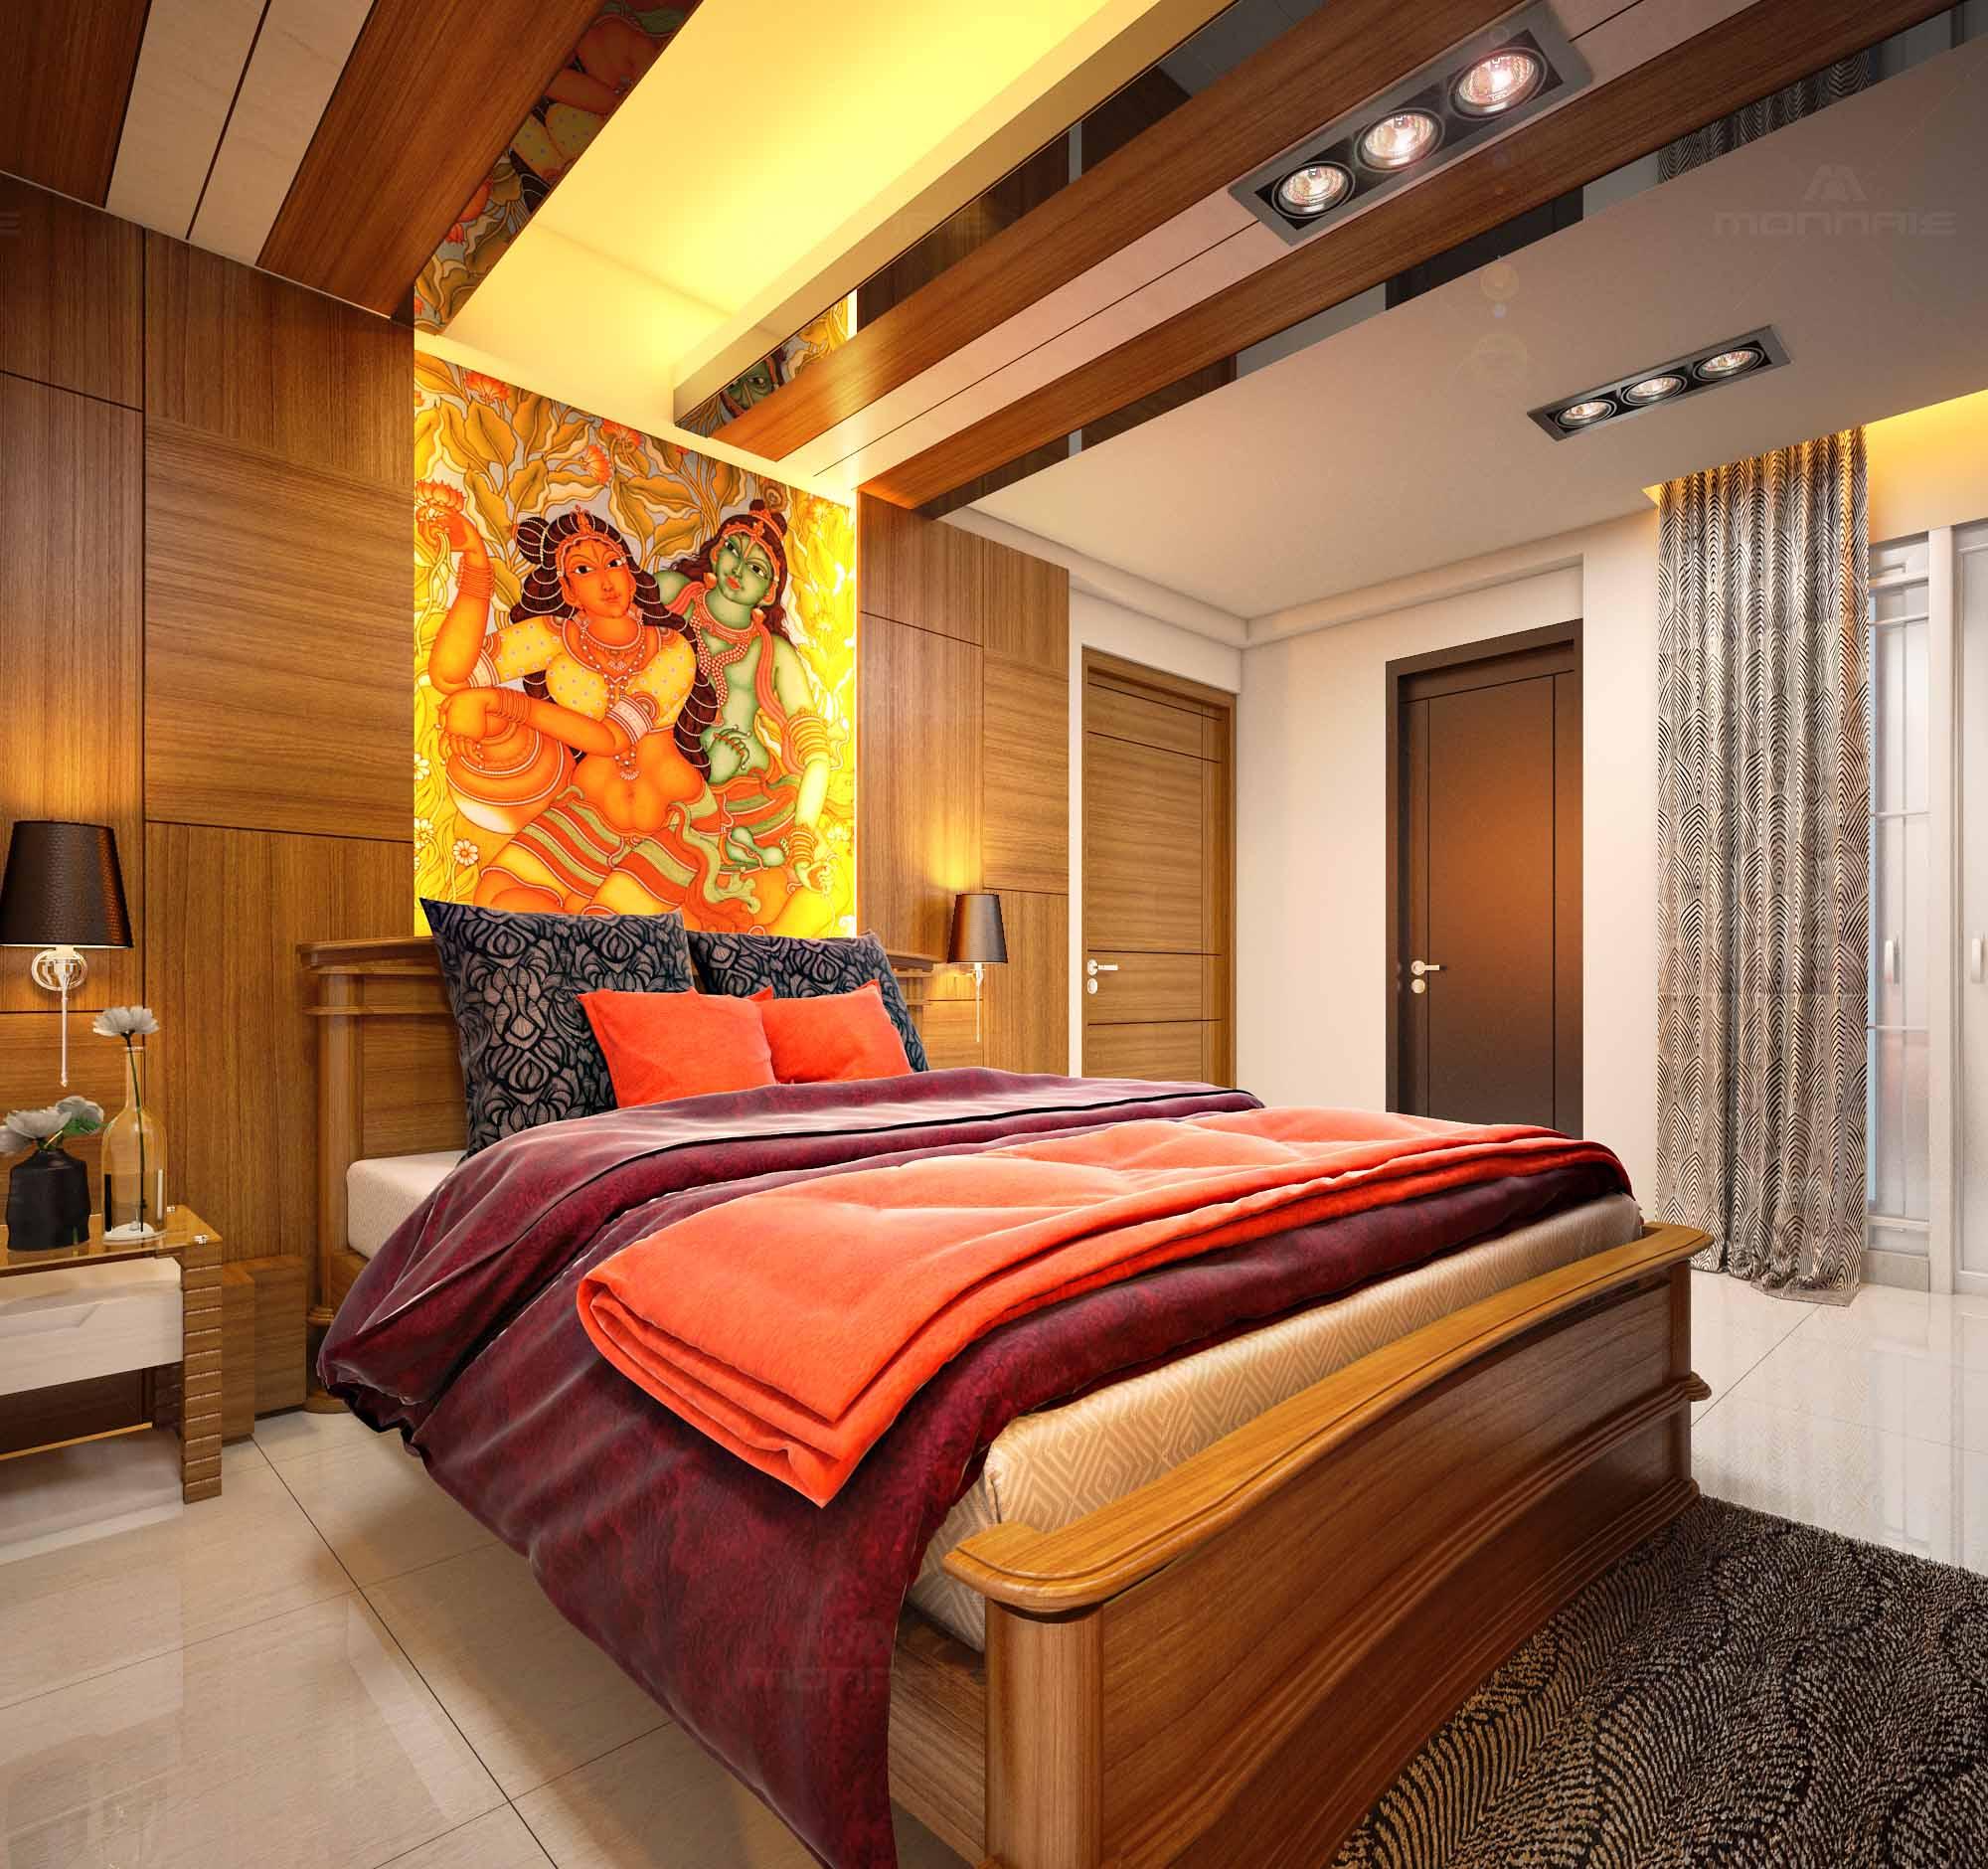 10. MASTER BEDROOM VIEW 1